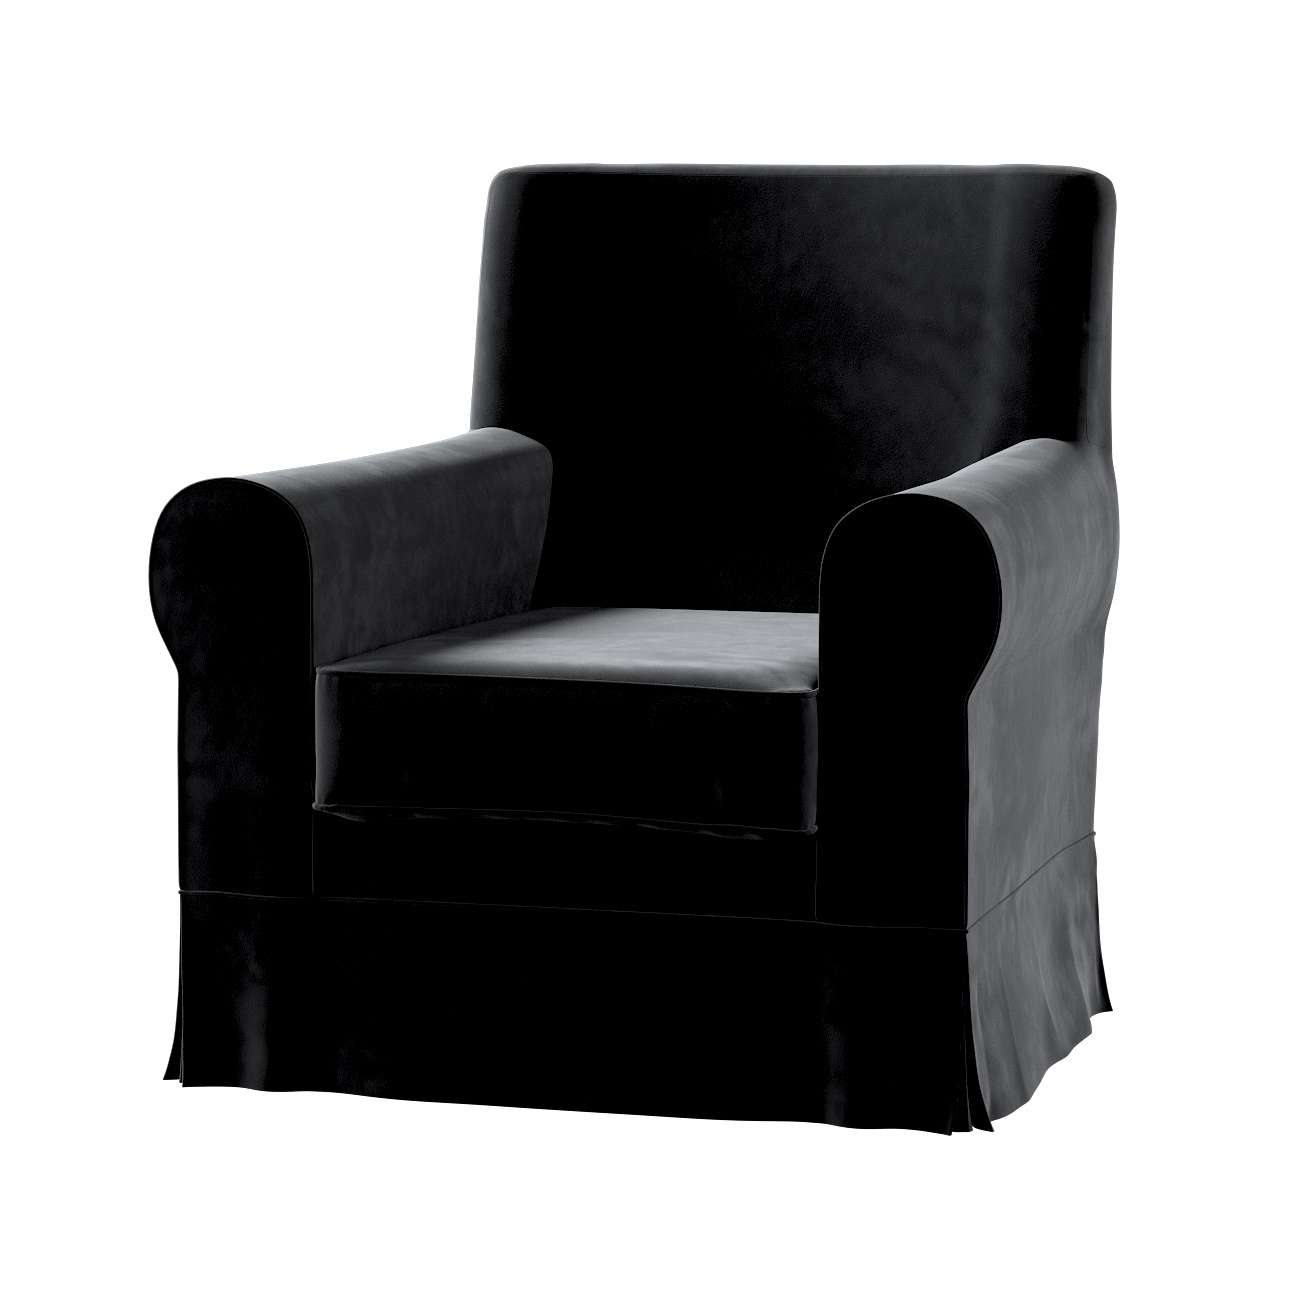 Pokrowiec na fotel Ektorp Jennylund w kolekcji Velvet, tkanina: 704-17